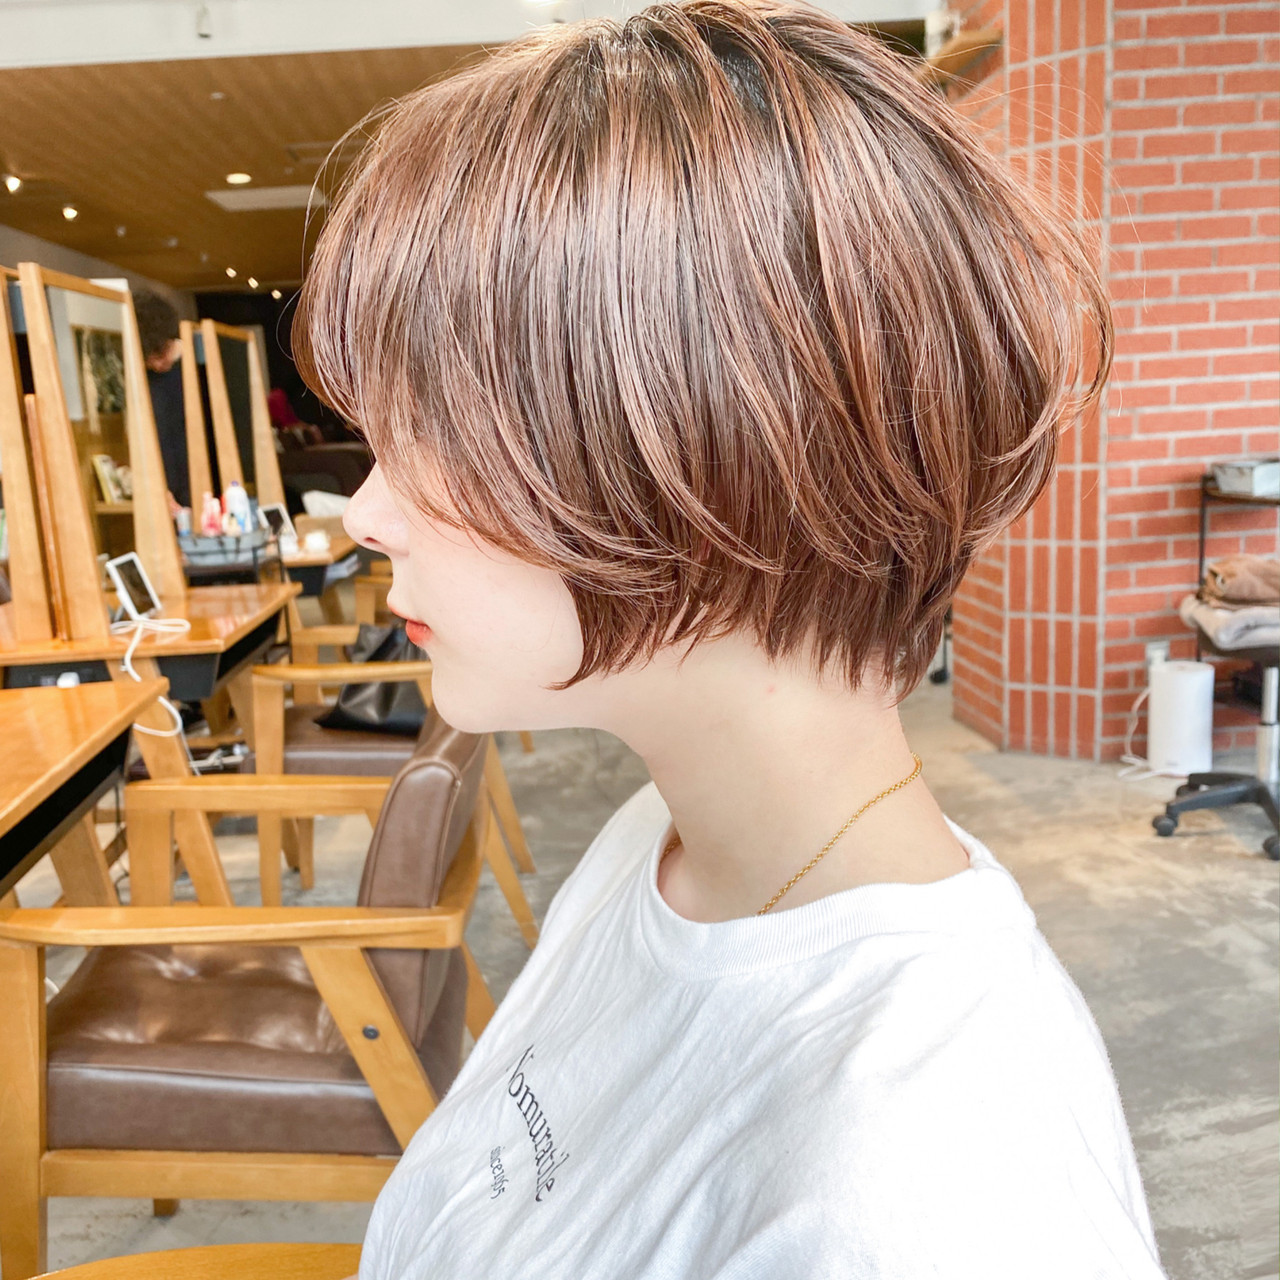 切りっぱなしボブ ナチュラル ショート 大人可愛い ヘアスタイルや髪型の写真・画像 | GARDEN harajuku 塩見 / GARDEN harajuku